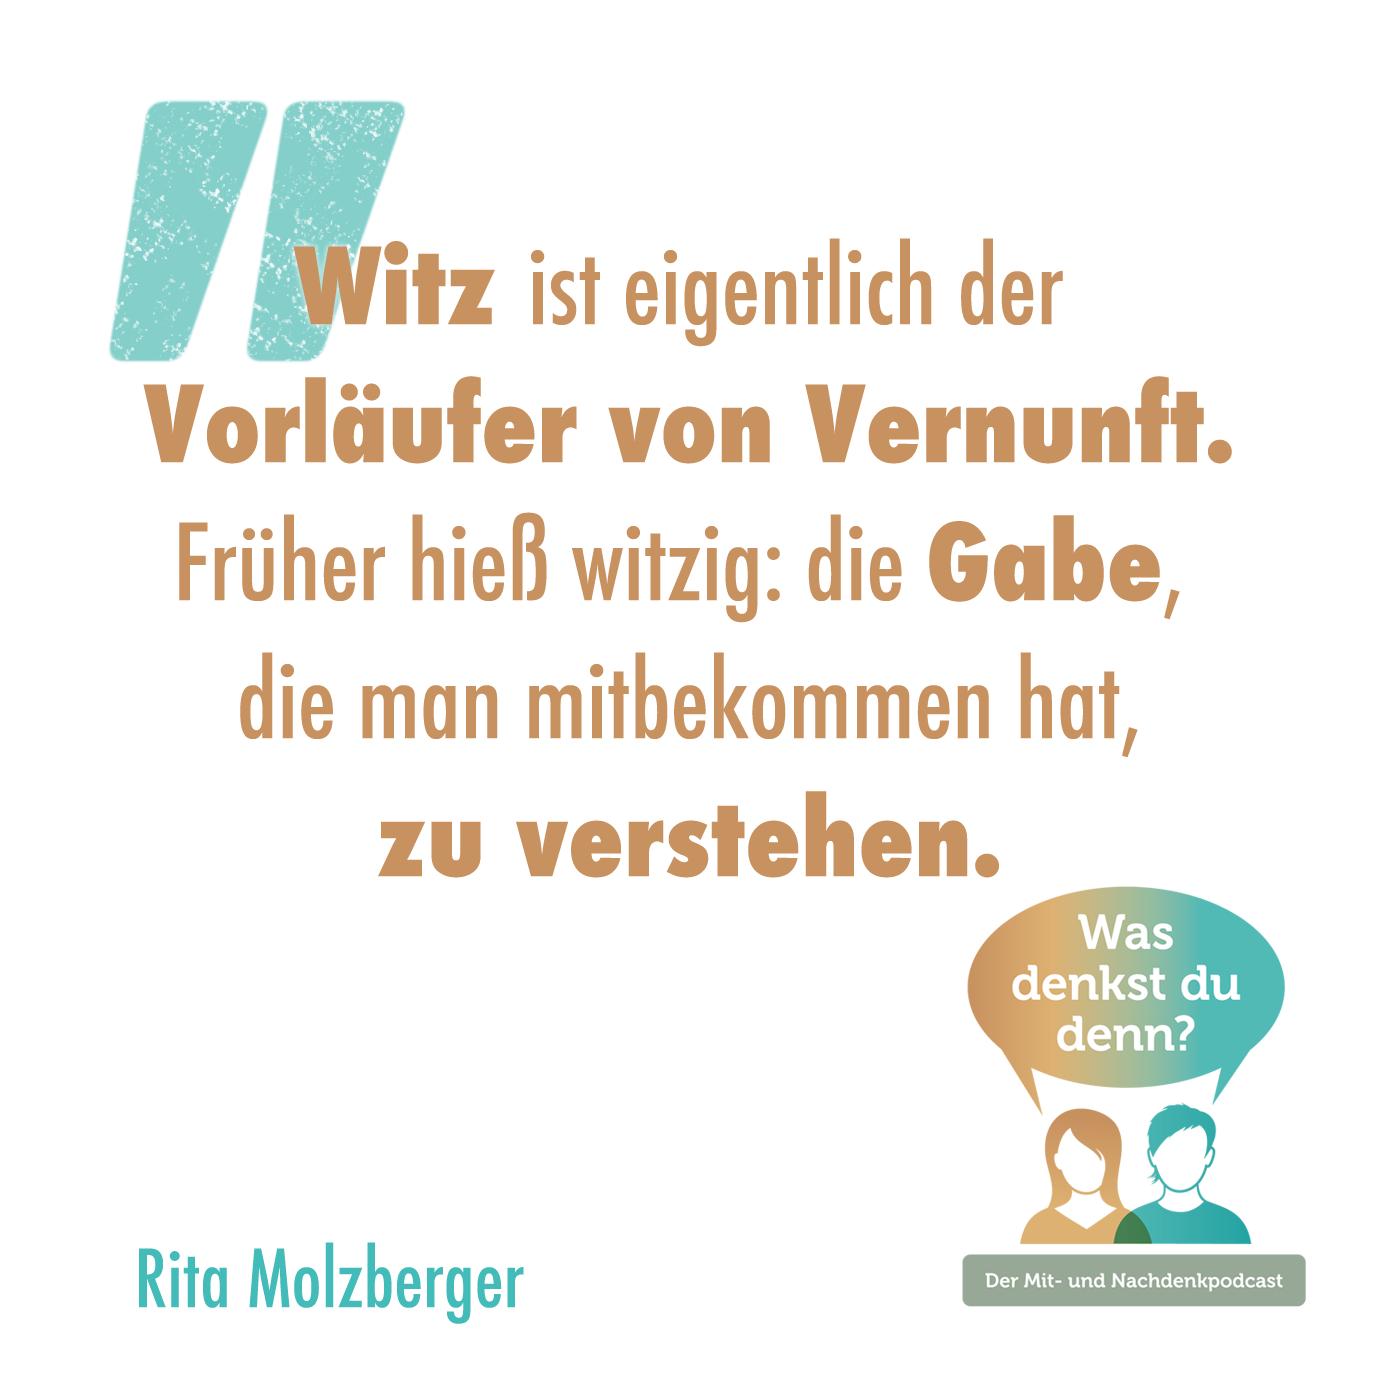 Zitat von Rita Molzberger: Witz ist eigentlich der Vorläufer von Vernunft. Früher hieß witzig: Die Gabe, die man mitbekommen hat, zu verstehen.